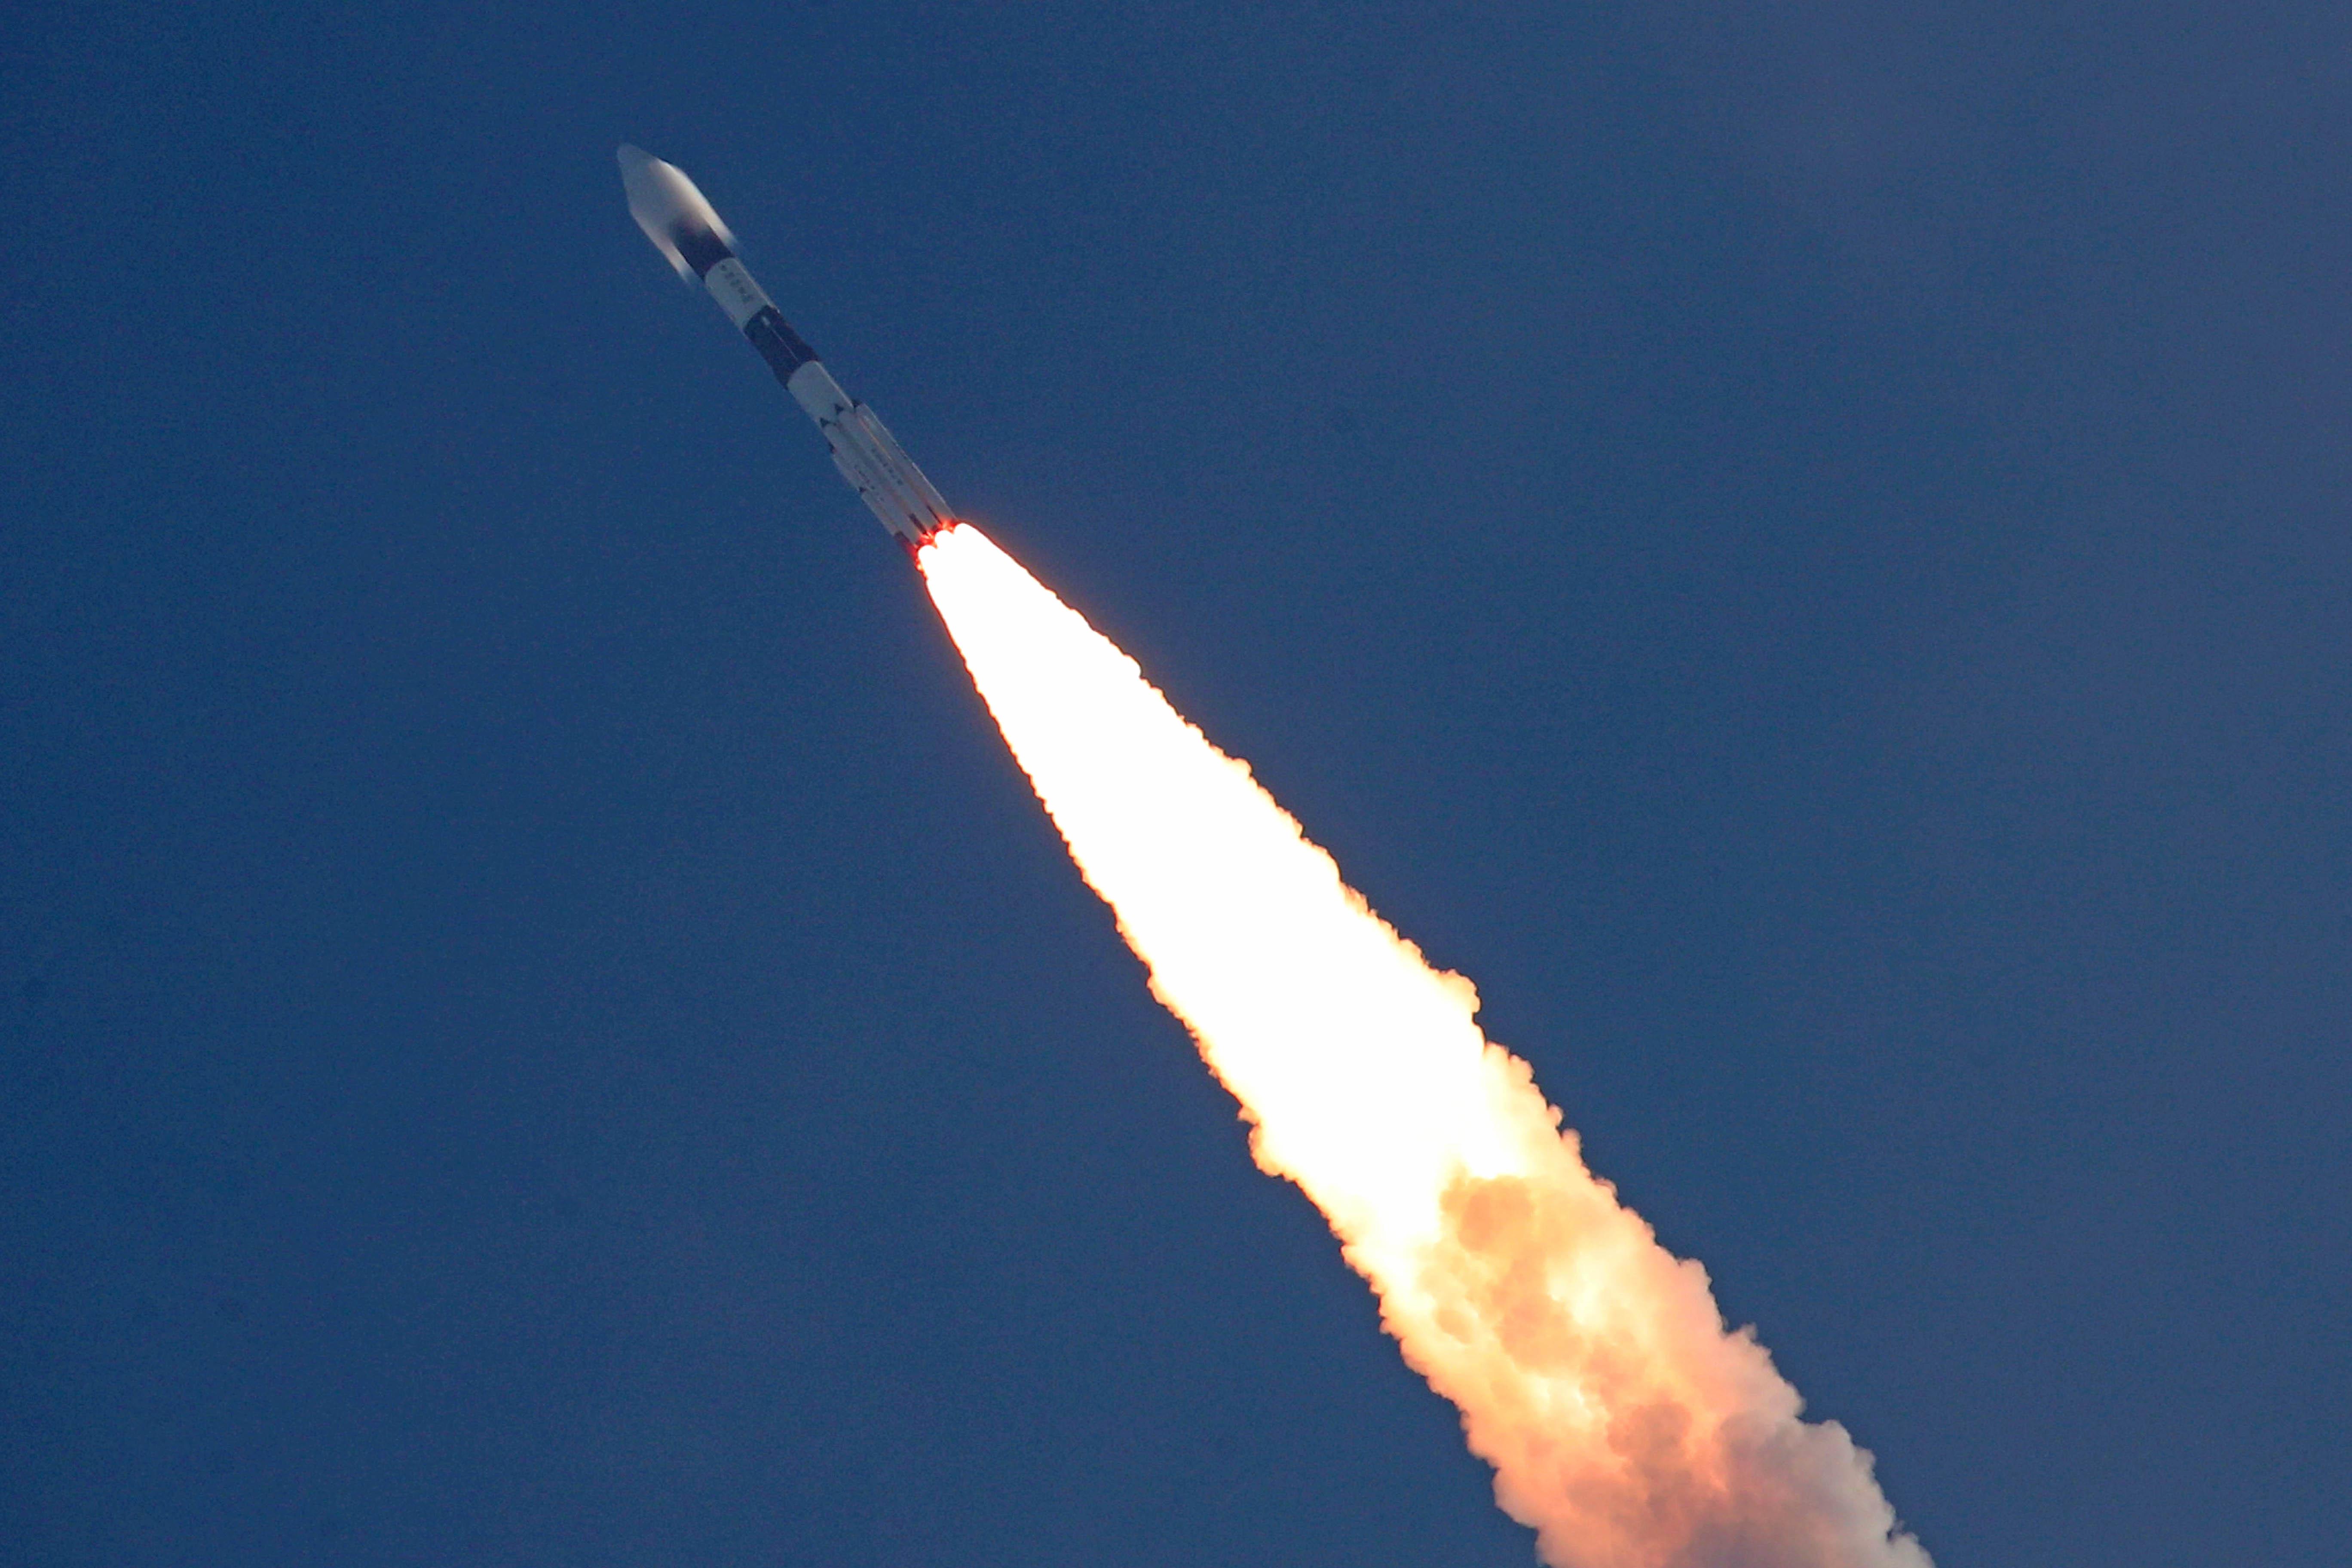 Un véhicule de lancement de satellite polaire de l'Organisation indienne de recherche spatiale lance le satellite de communication CMS-01 en orbite depuis le centre spatial Satish Dhawan à Sriharikota, en Inde, le 17 décembre 2020.